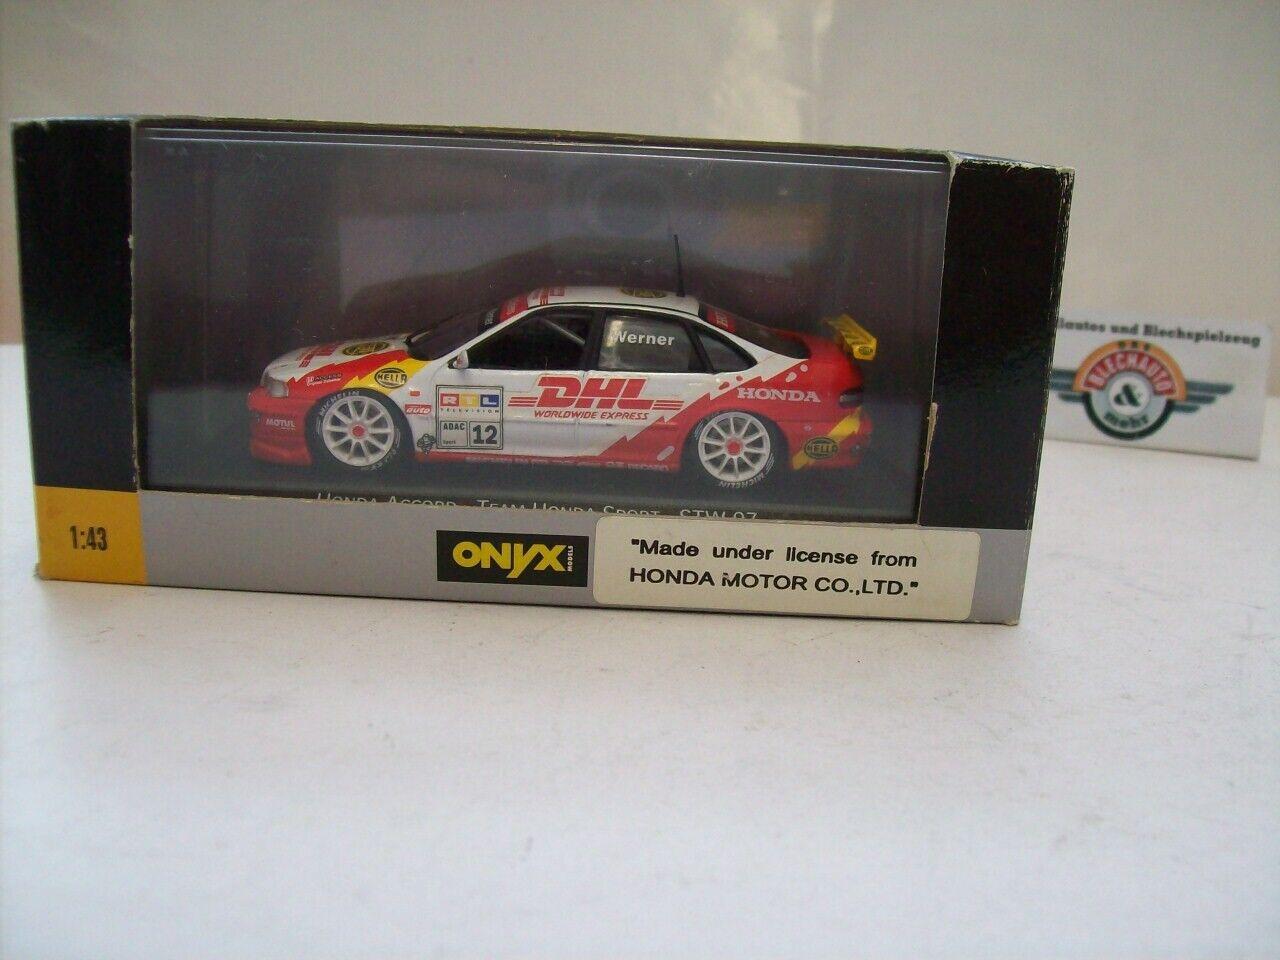 Honda Accord  Werner  STW STW STW 1997, Onyx 1 43, OVP b1918e